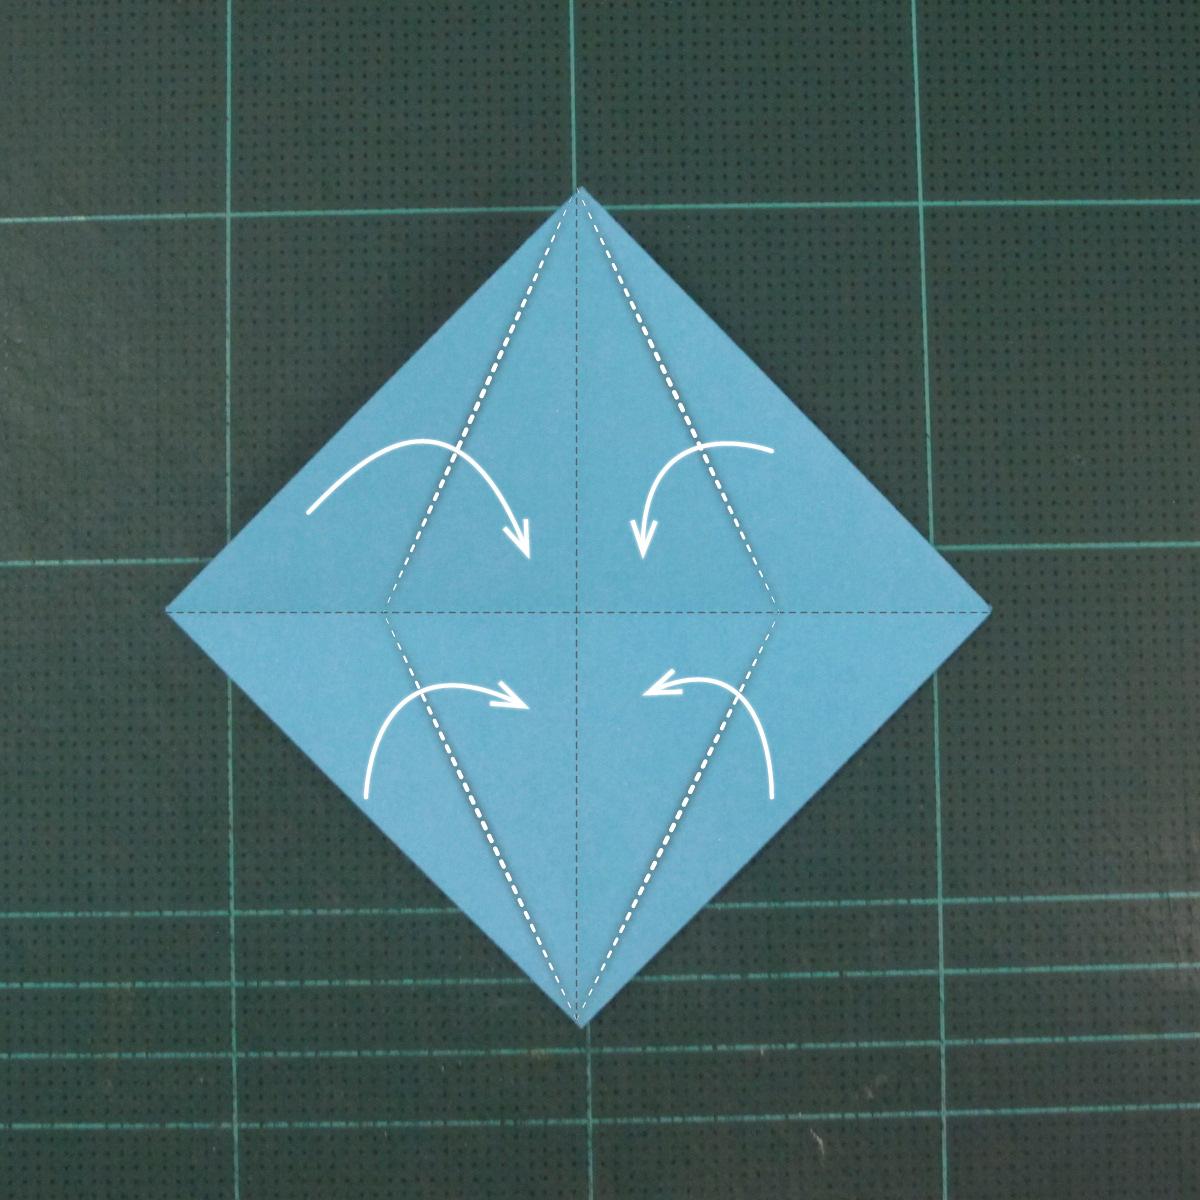 วิธีพับกระดาษเป็นถาดใส่ขนมรูปดาวแปดแฉก (Origami Eight Point Star Candy Tray) 006